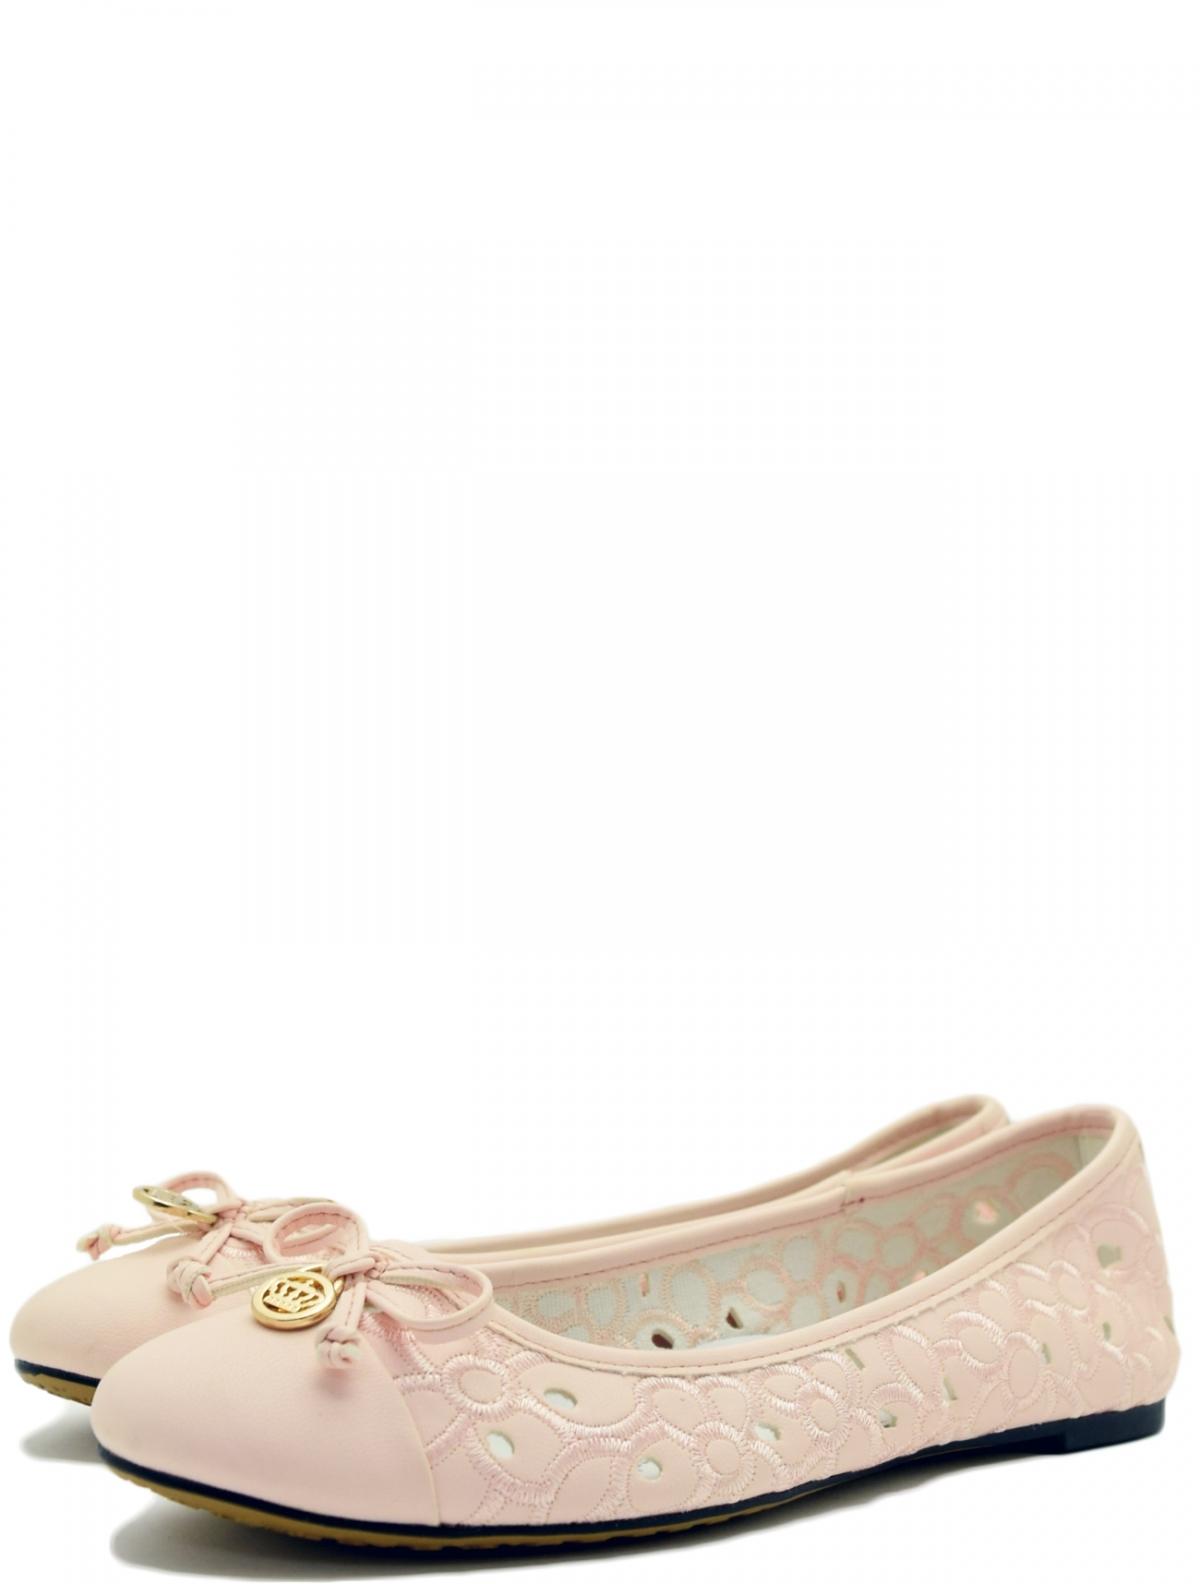 557157/06-03K балетки для девочки